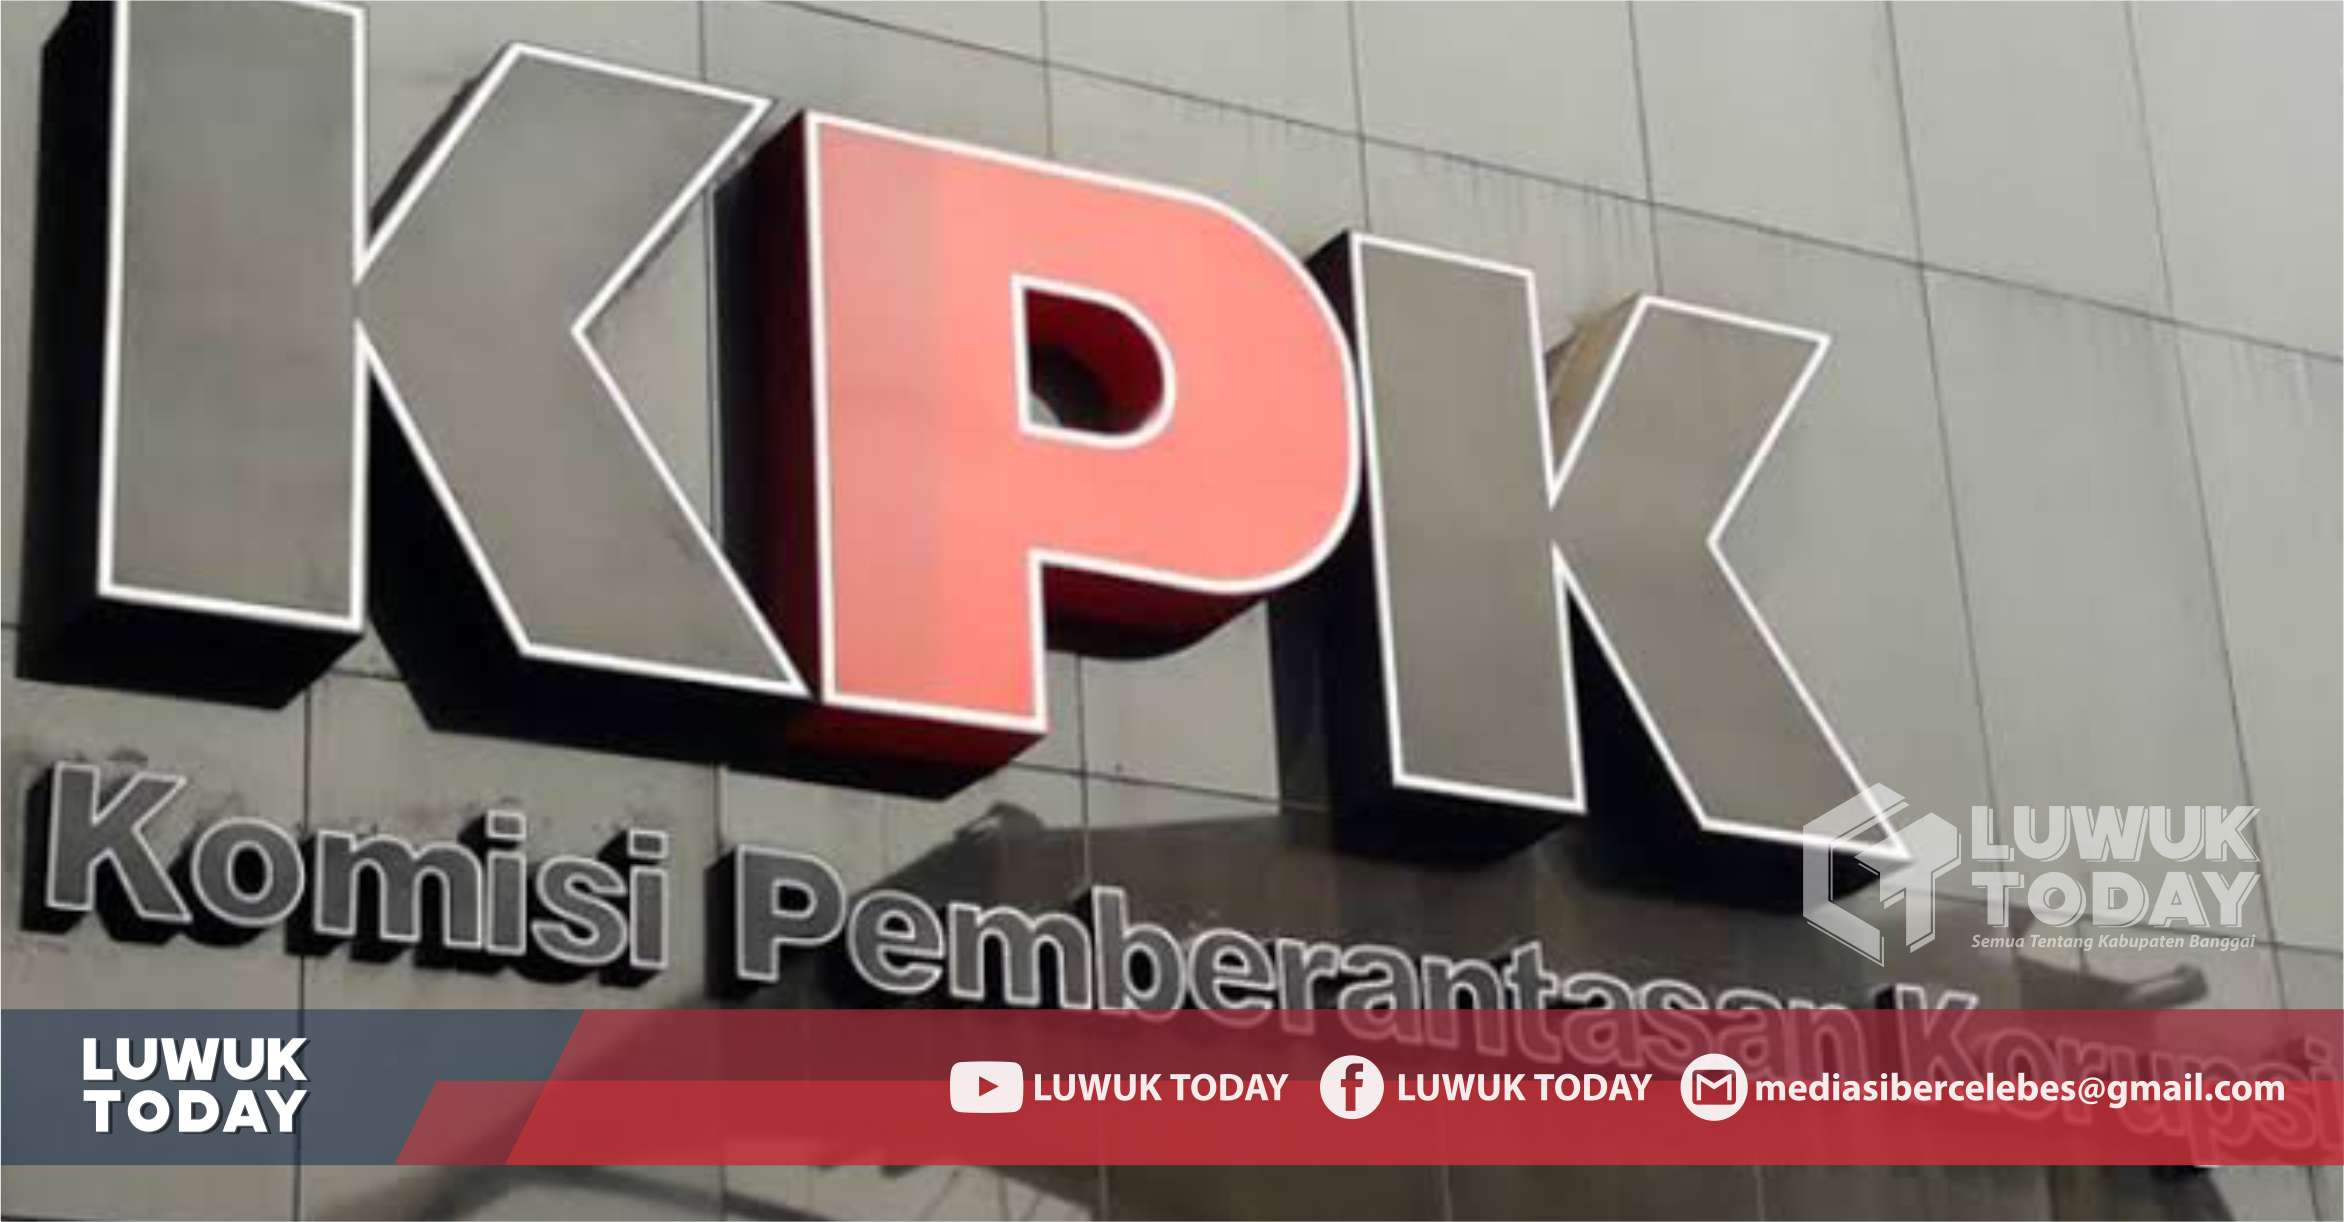 Foto Lagi-lagi kepala daerah kena OTT KPK Komisi Pemberantasan Korupsi kembali melakukan operasi tangkap tangan (OTT). Pada Minggu (6/10/19), KPK mengeruduk Bupati Lampung Utara Agung Ilmu Mangkunegara